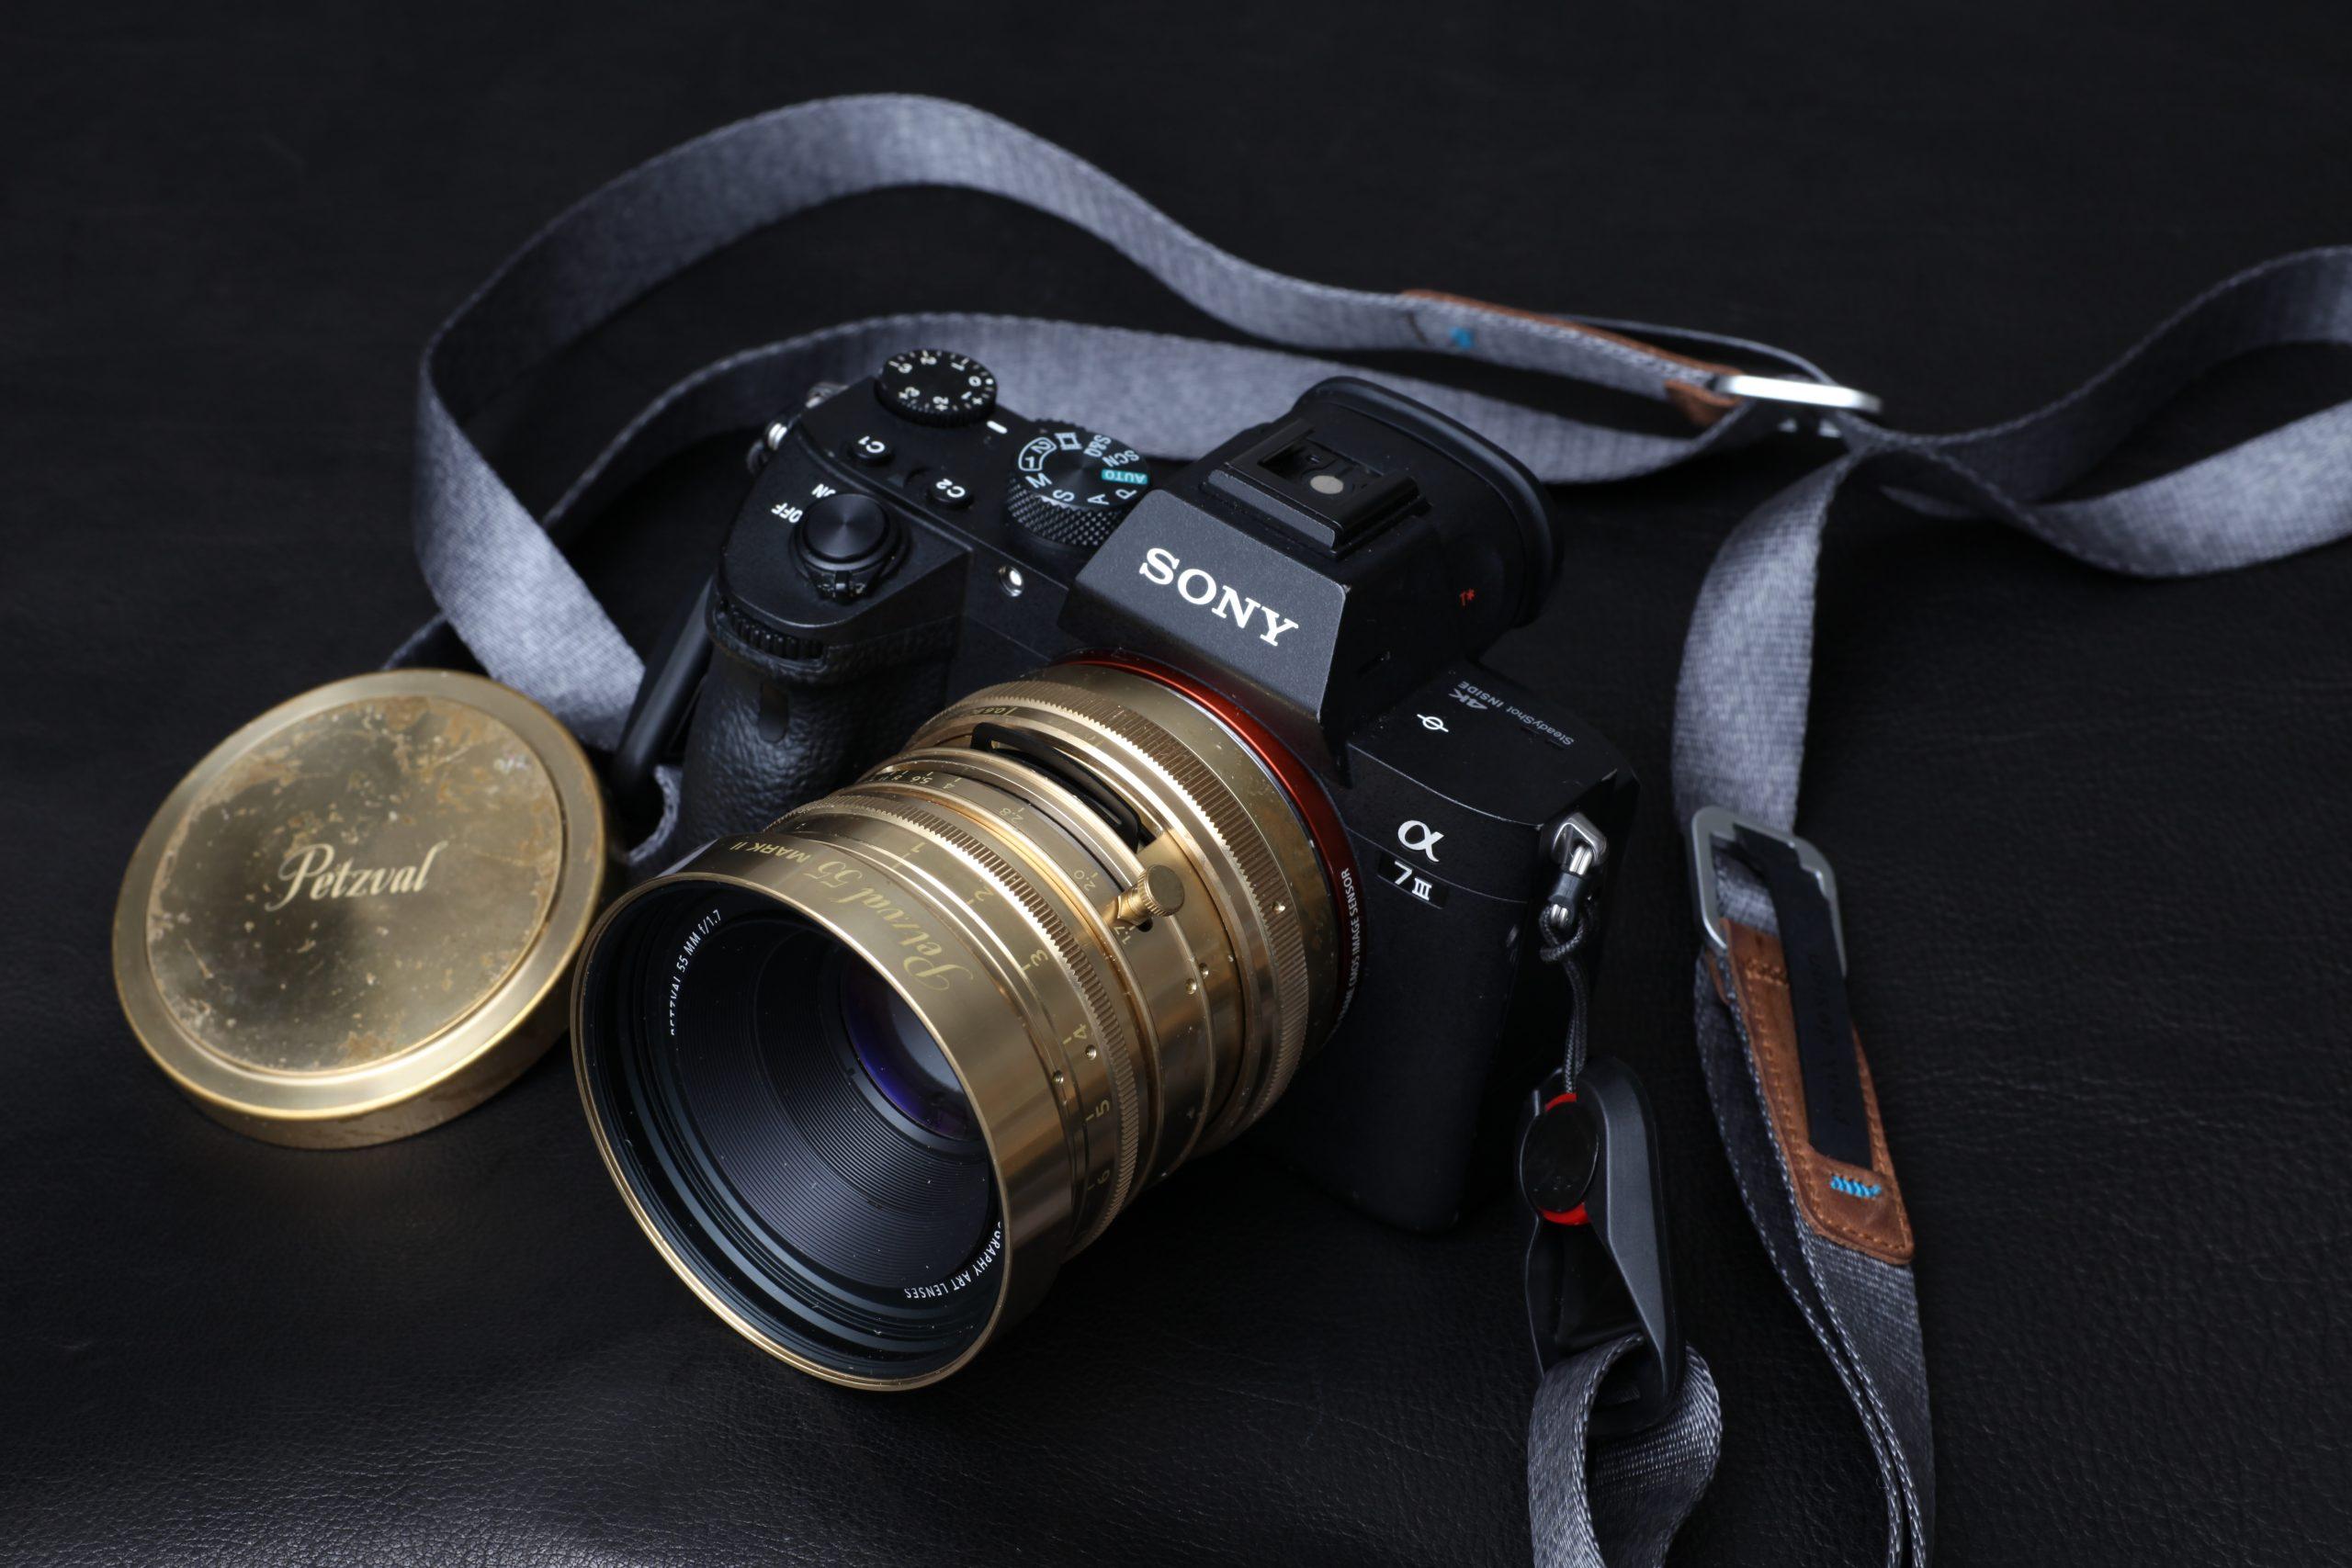 【自機一体】マップカメラスタッフこだわりの逸品 Vol.17